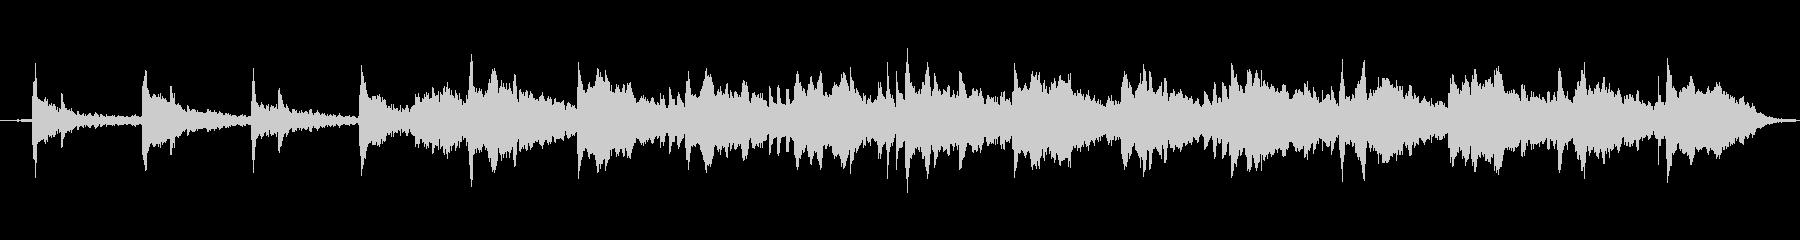 静かな波とピアノとシンセサイザーの未再生の波形